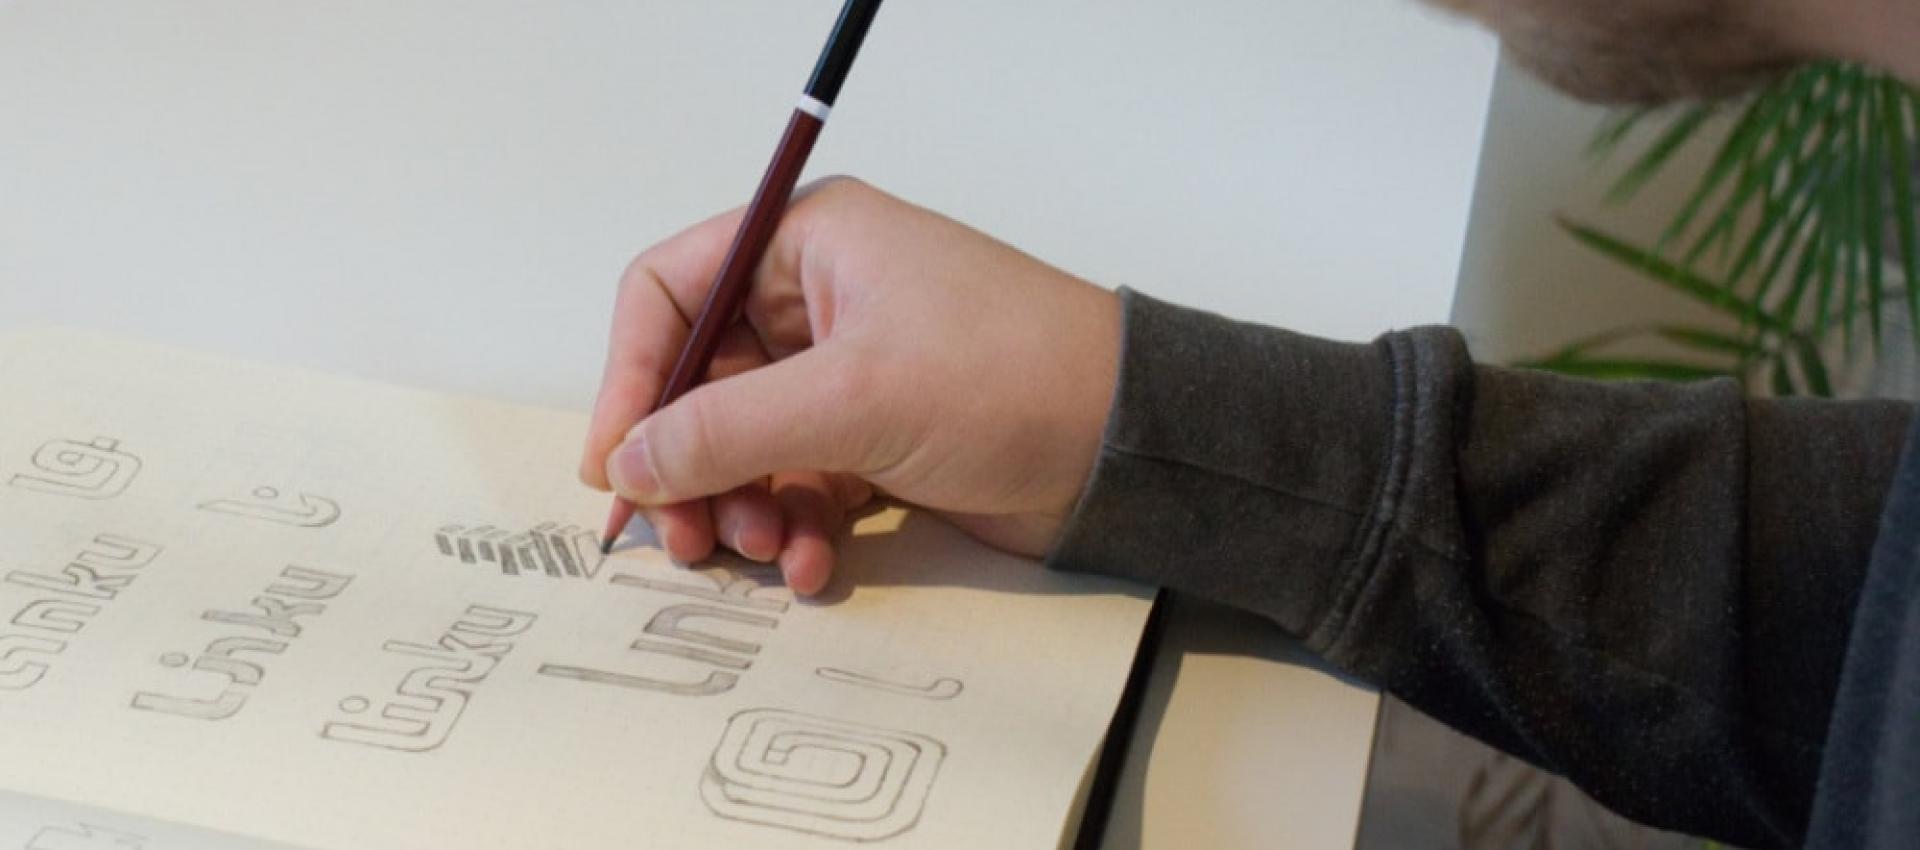 Afbeelding voor Branding – Wat is het en waarom is het belangrijk?